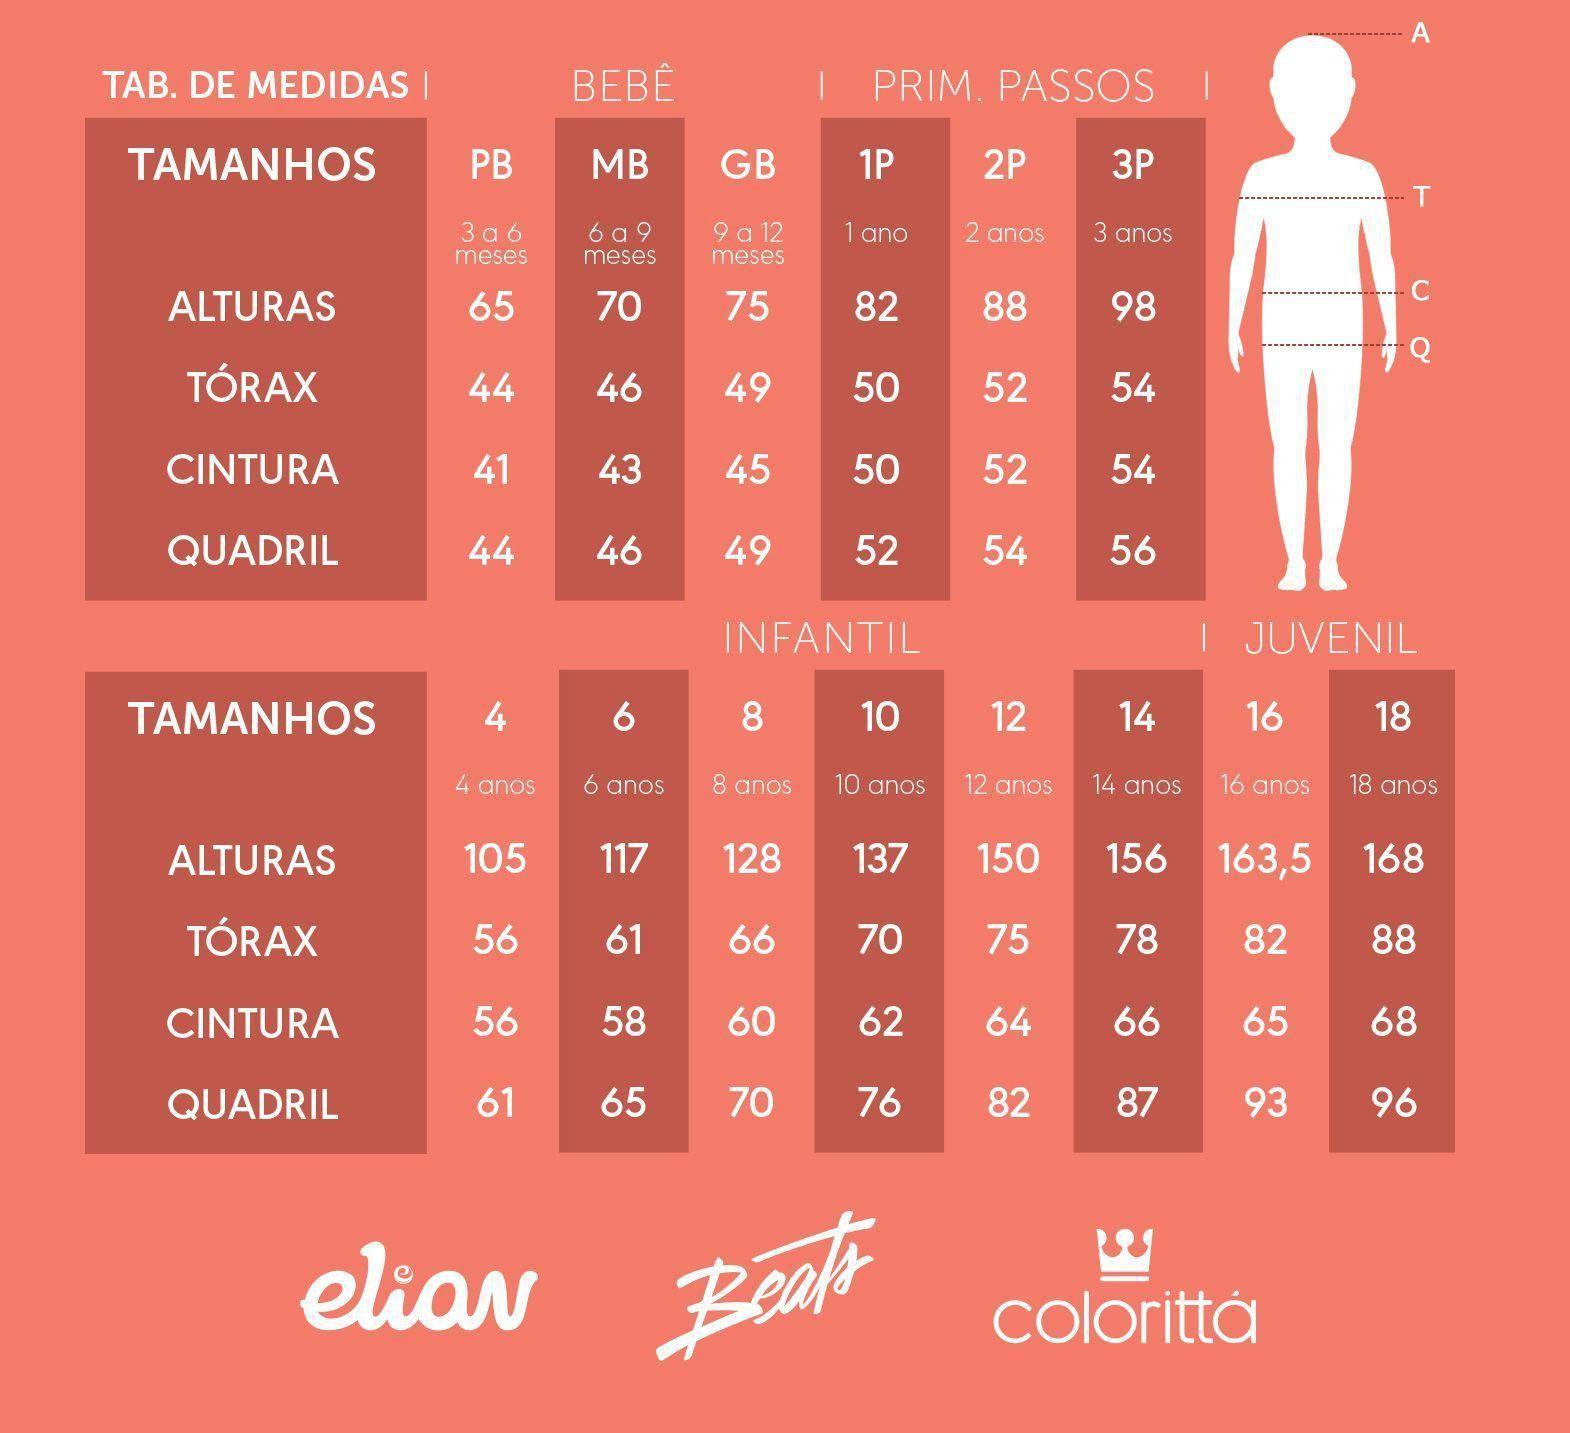 Vestido Infantil Verão Preto You - Elian: Tabela de medidas